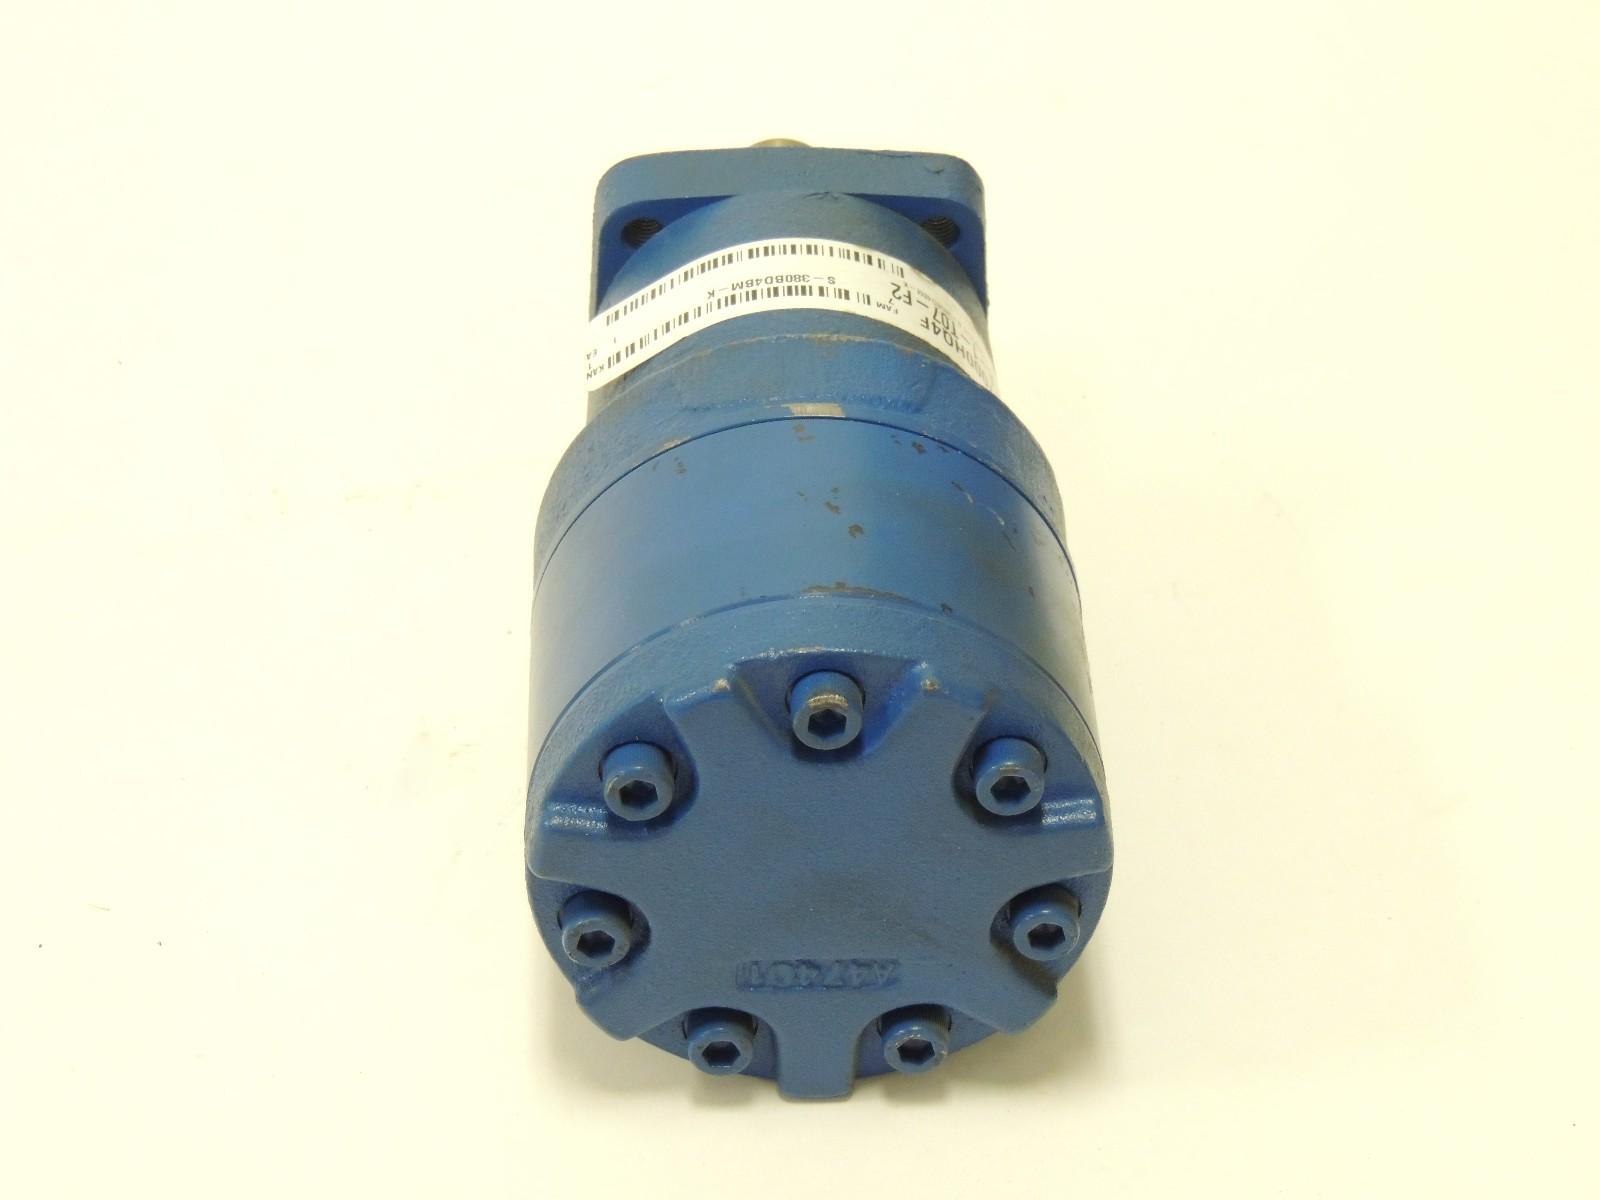 New char lynn eaton hydraulic motor s 380bd4bm k 153 rpm for Eaton hydraulic motor seal kit